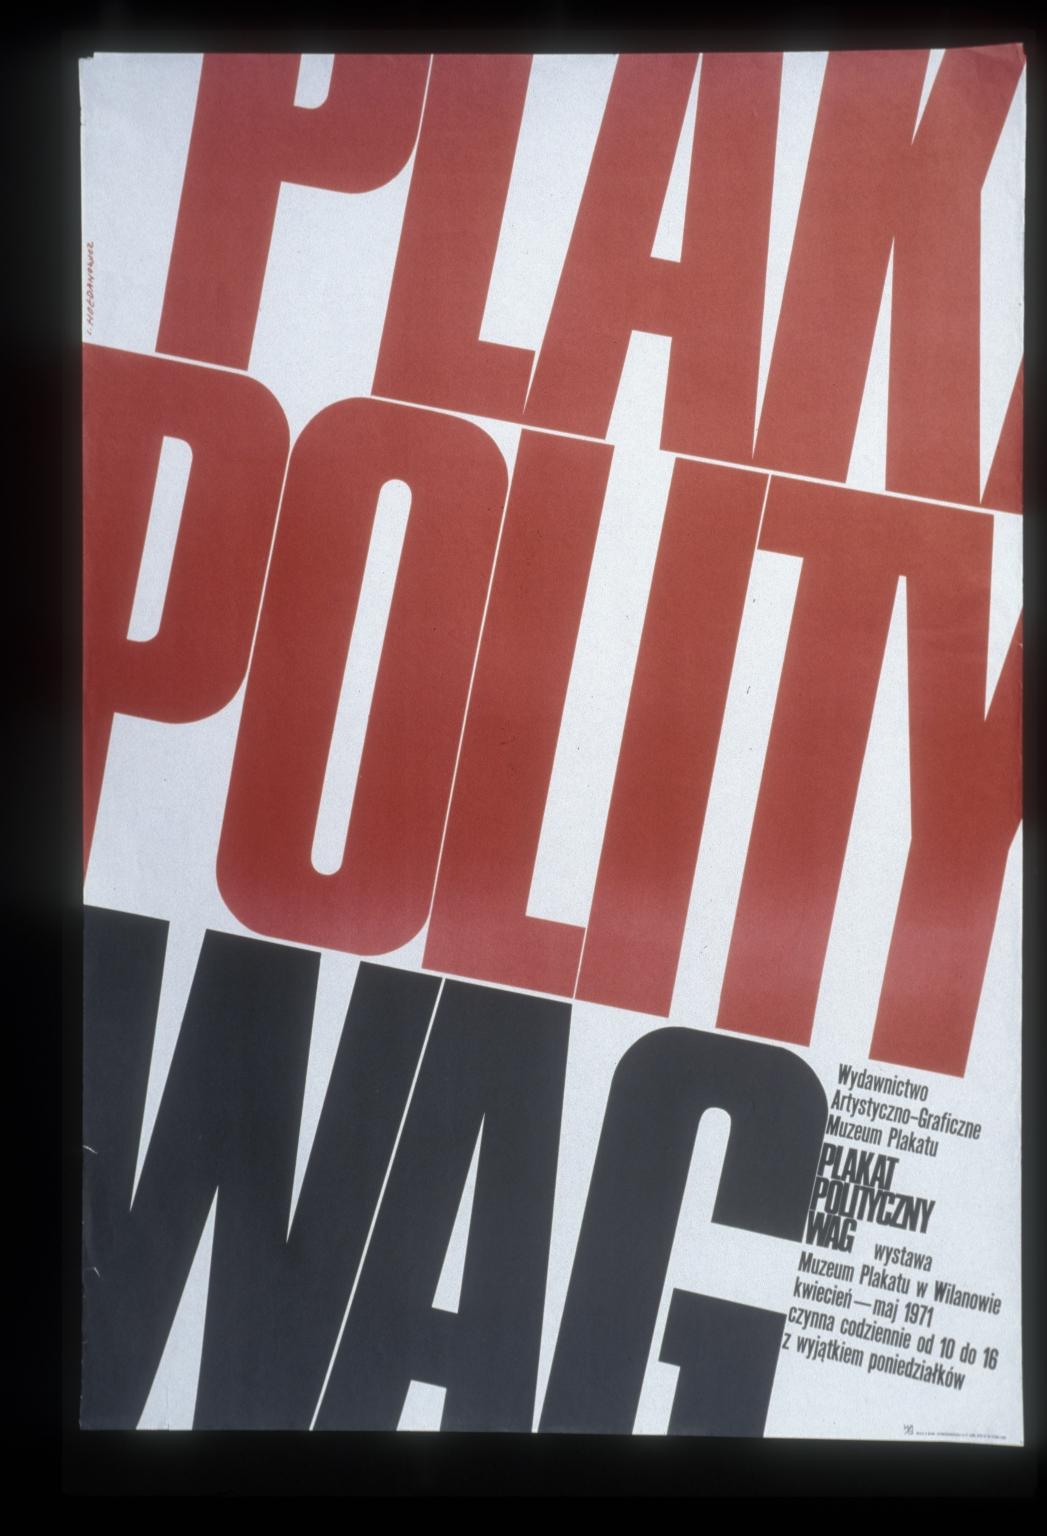 Plakat polityczny WAG: wystawa, Muzeum Plakatu w Wilanowie, kwiecien-maj 1971